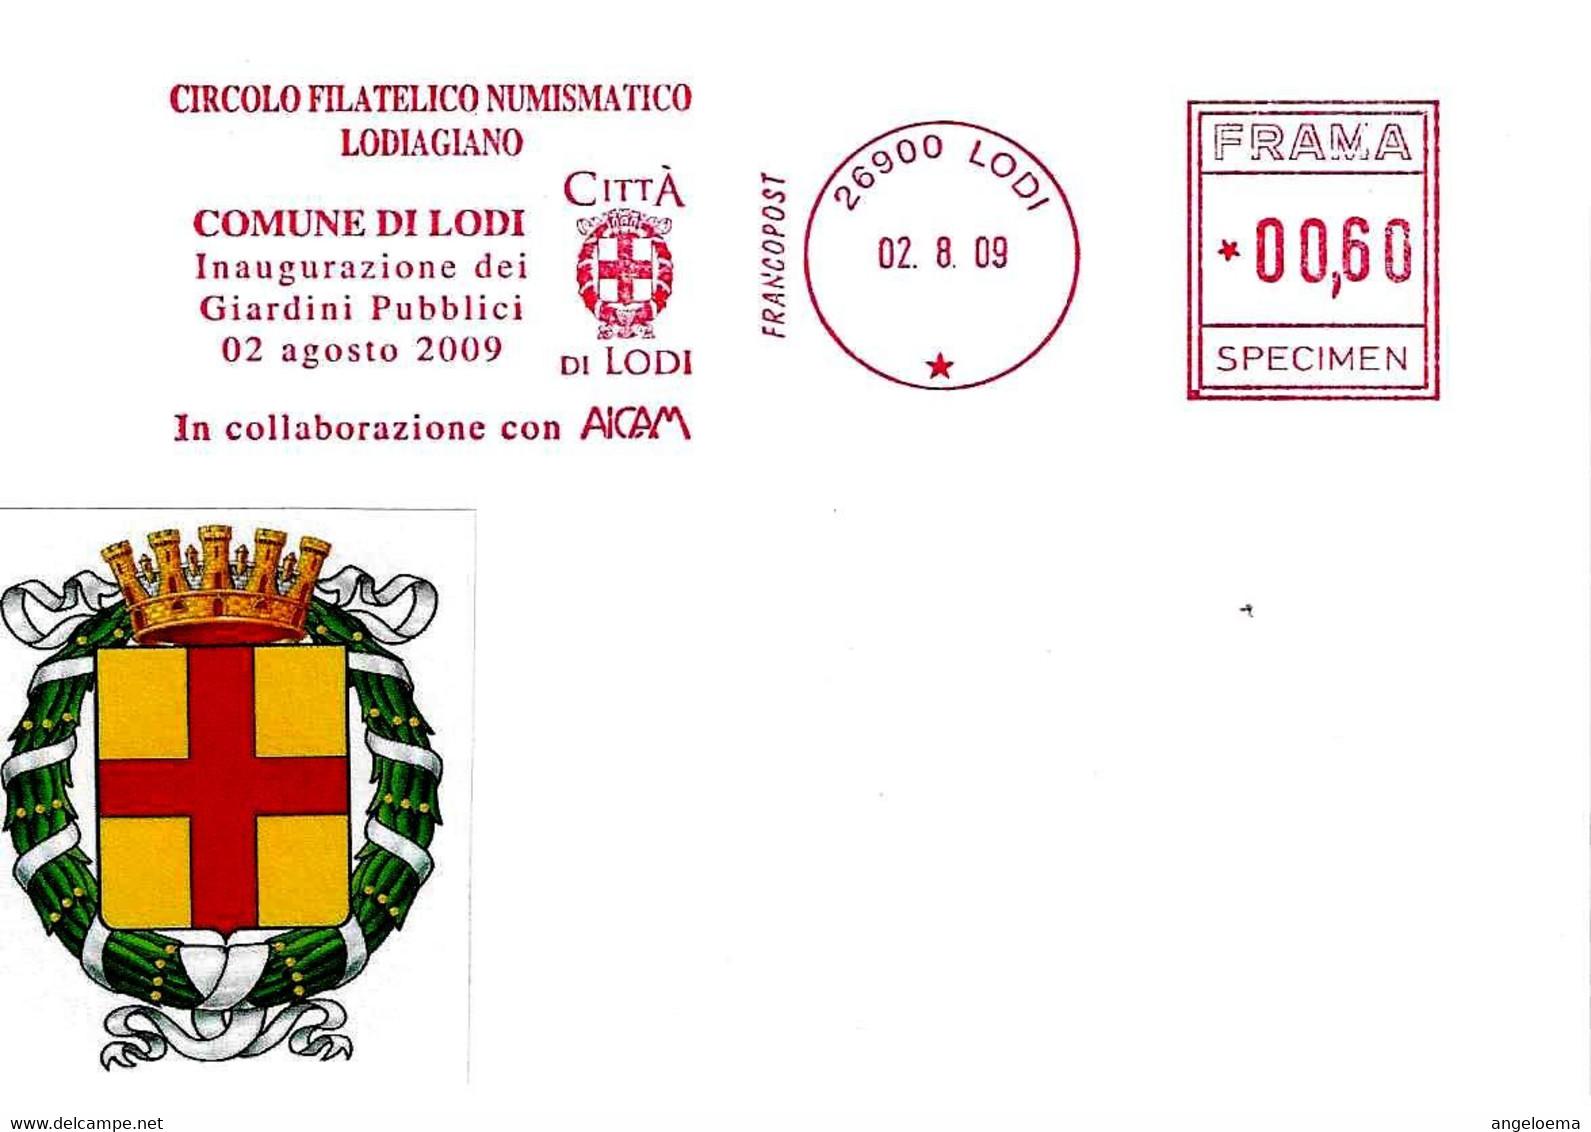 ITALIA - 2009 LODI Comune Di Lodi Inaugurazione Giardini Pubblici - Ema Affranc.mecc. Rossa Red Meter SPECIMEN - 2879 - Buste